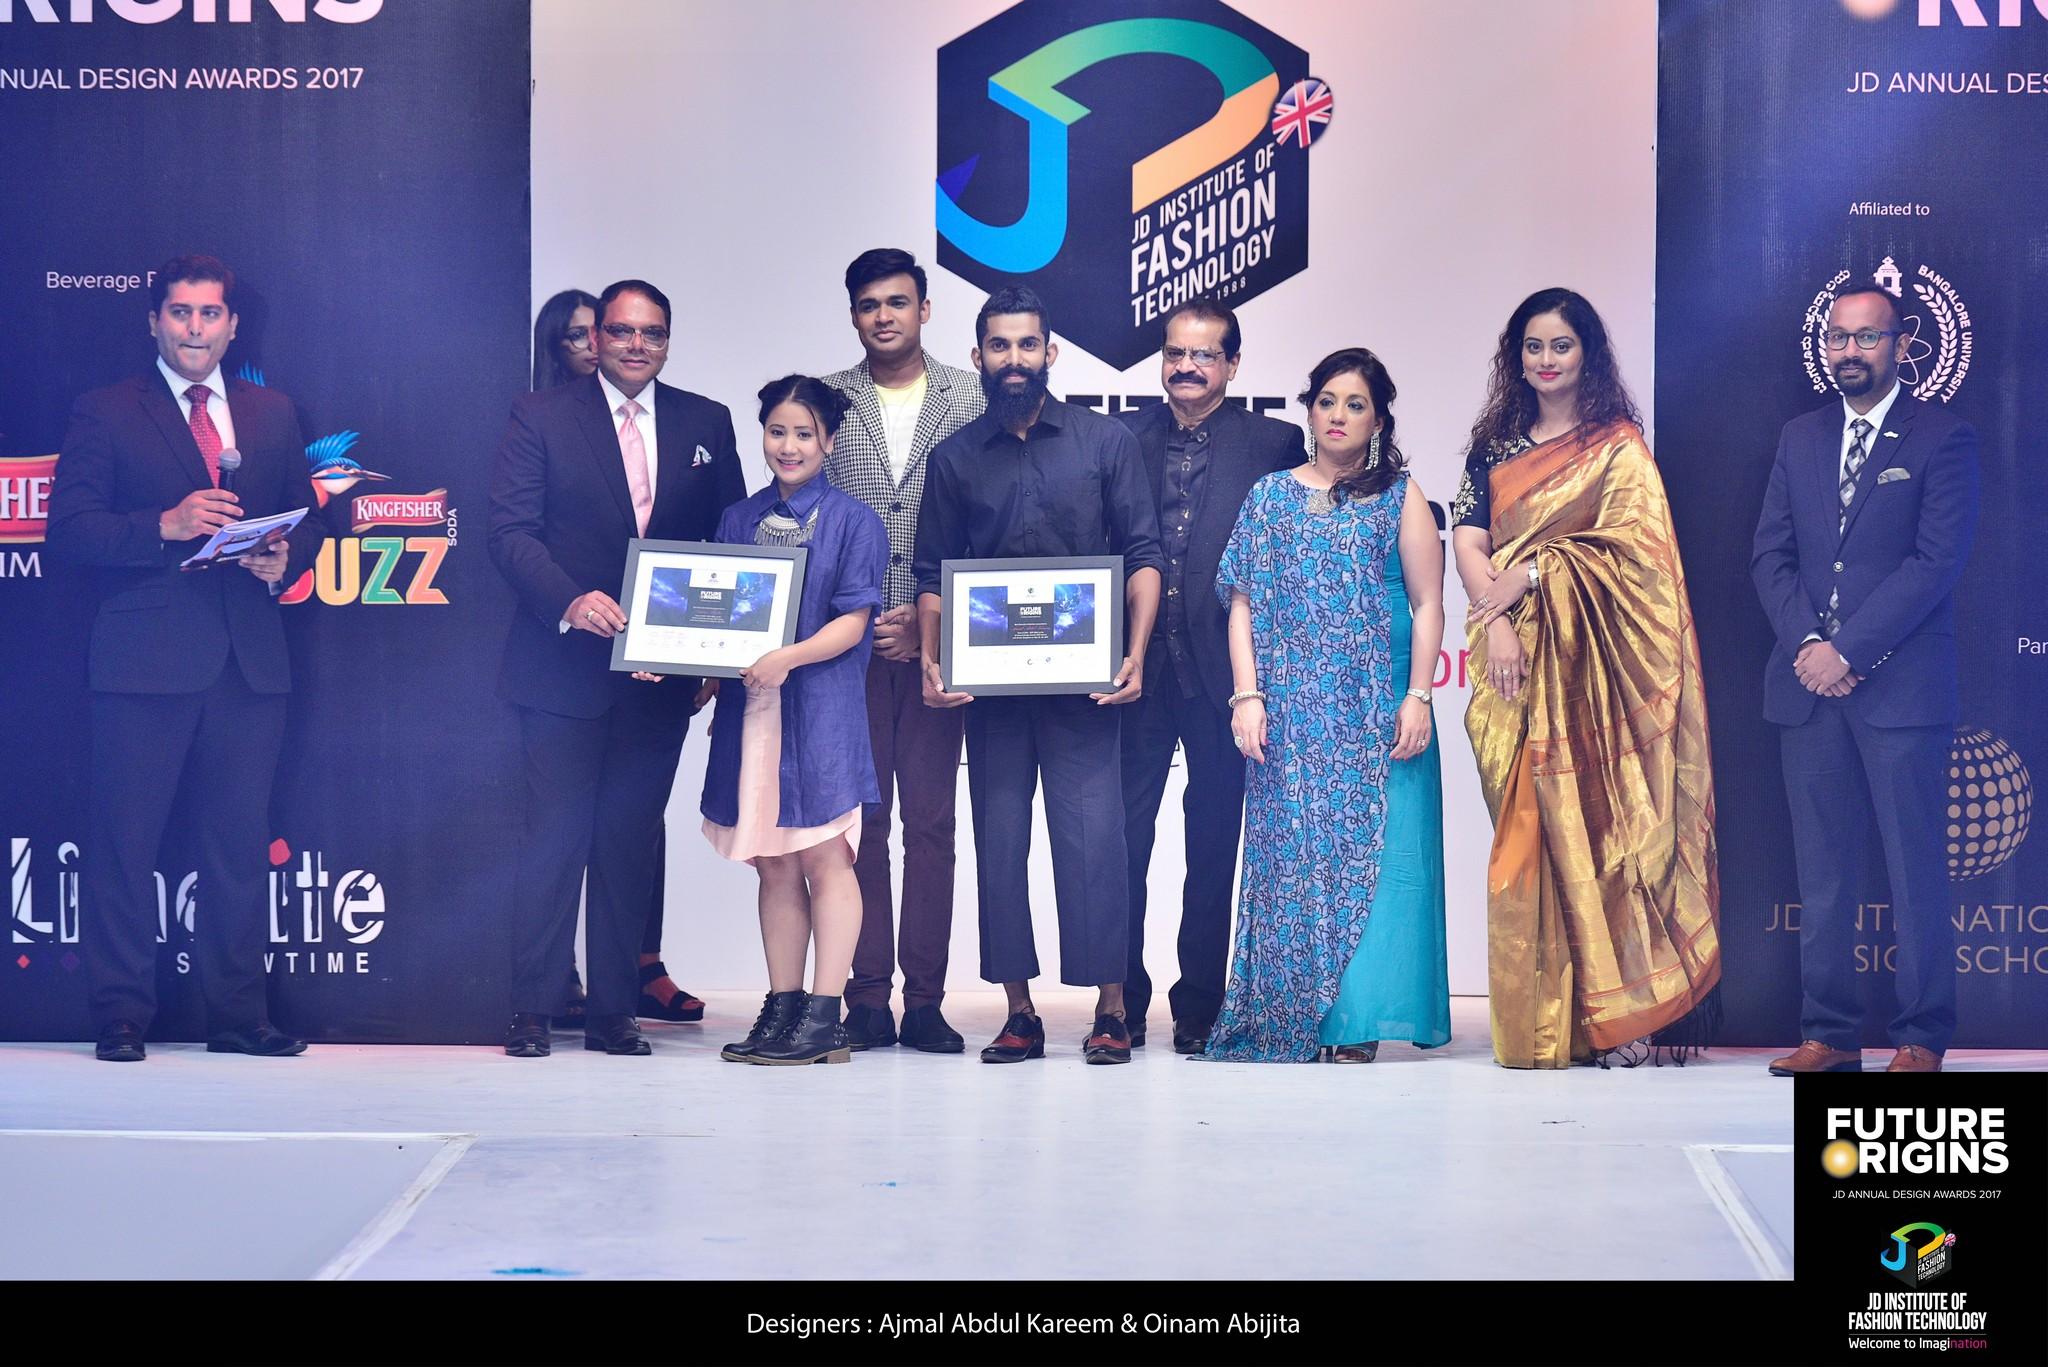 Koyaanisqatsi - Future Origin - JD Annual Design Awards 2017 | Photography : Jerin Nath koyaanisqatsi - future origin - jd annual design awards 2017 Koyaanisqatsi – Future Origin – JD Annual Design Awards 2017 Koyaanisqatsi Future Origin JD Annual Design Awards 2017 7